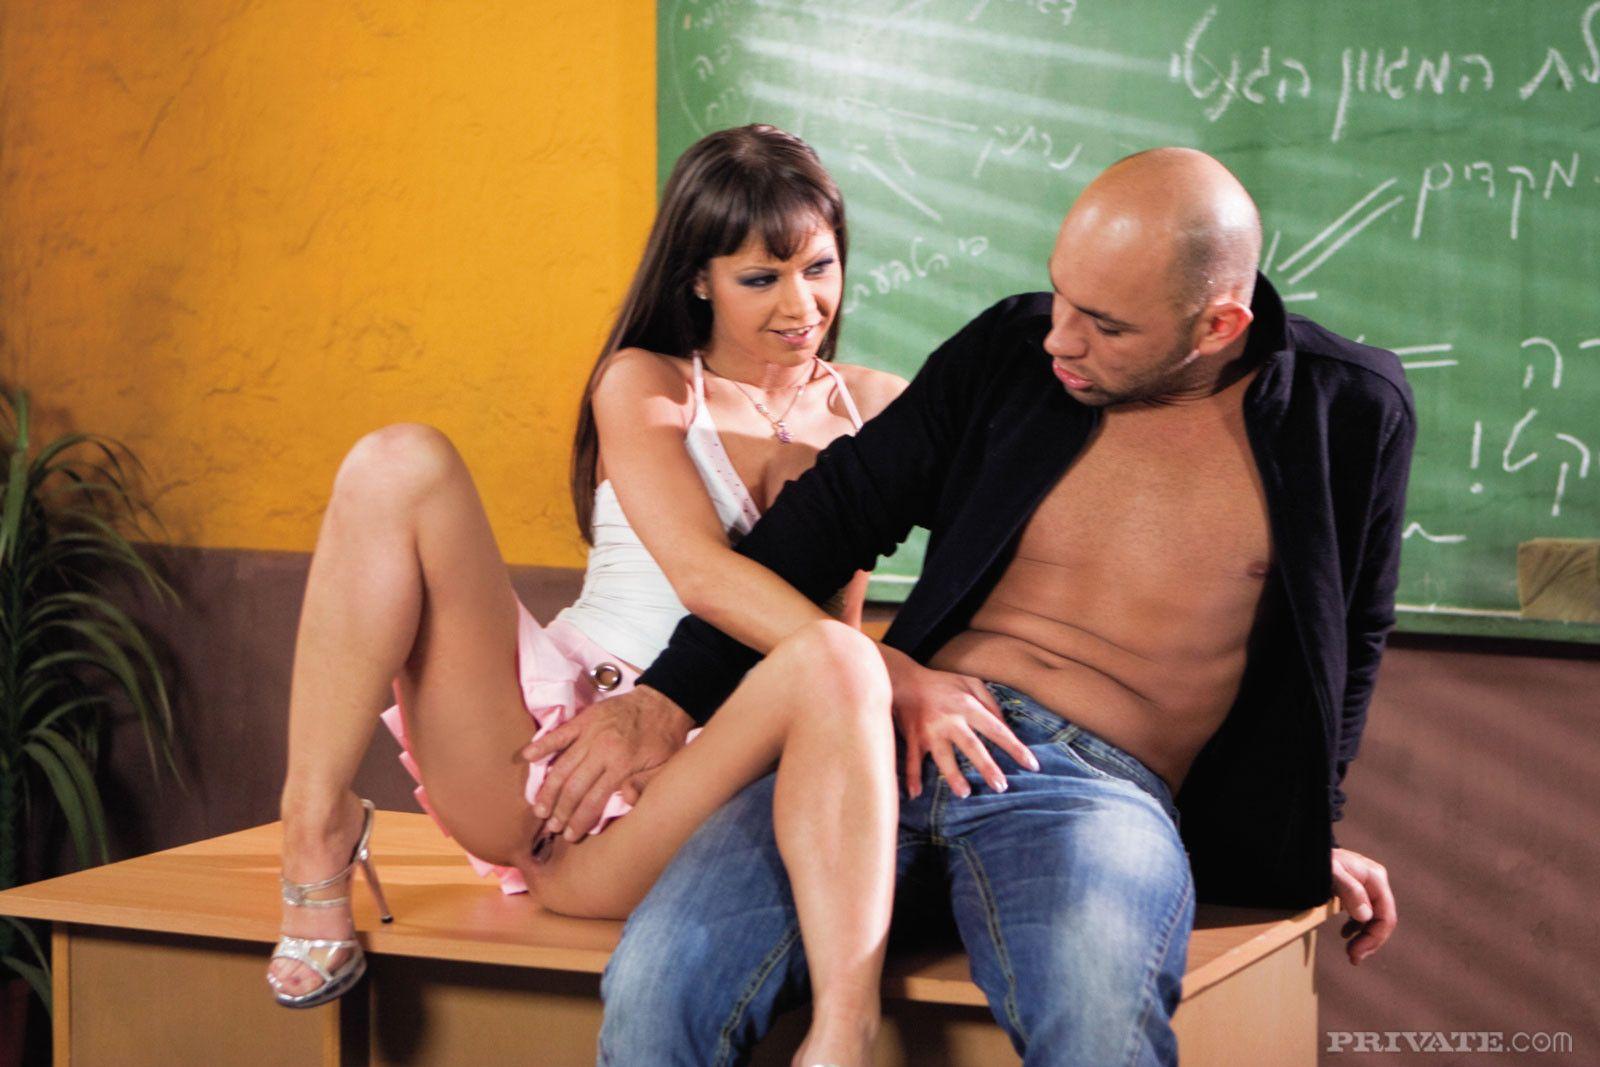 Does Hot school teacher anal sex